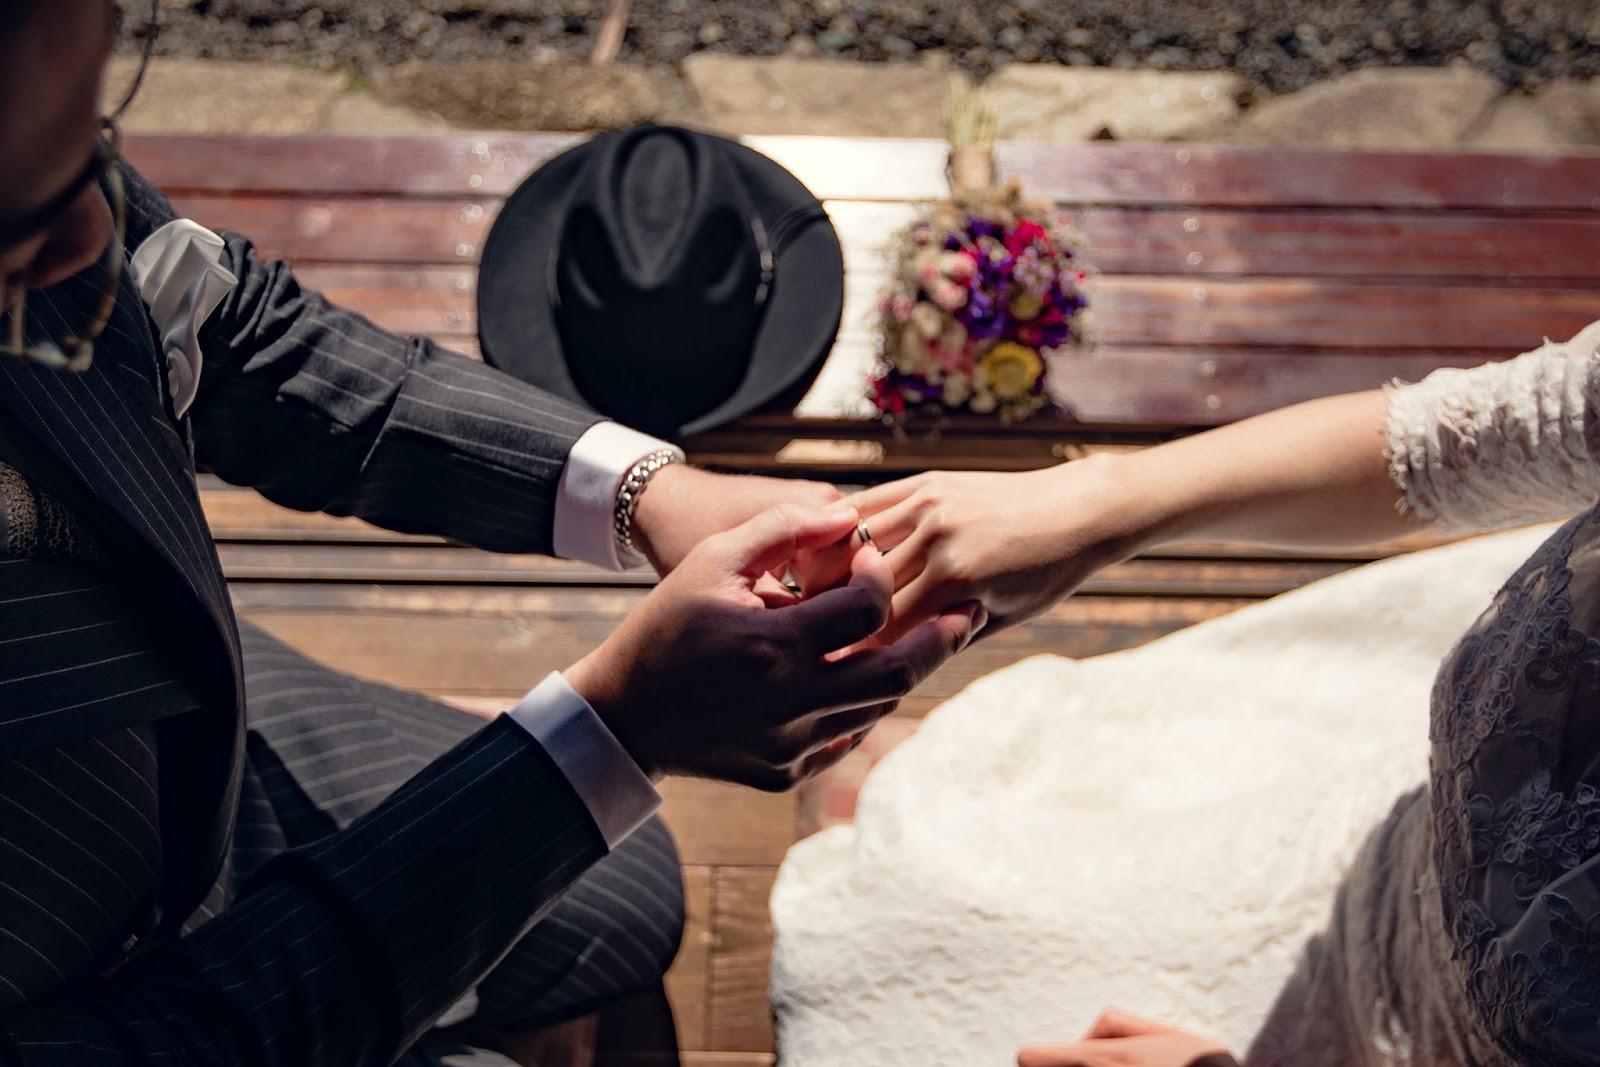 [日本富士山楓葉婚紗] 東京 紅楓 浪漫婚紗 唯美 成熟 楓葉婚紗 京都 富士山婚紗 櫻花 台北自助婚紗推薦 蜜月旅行 台北瑪朵婚禮 人像大師 小布哥